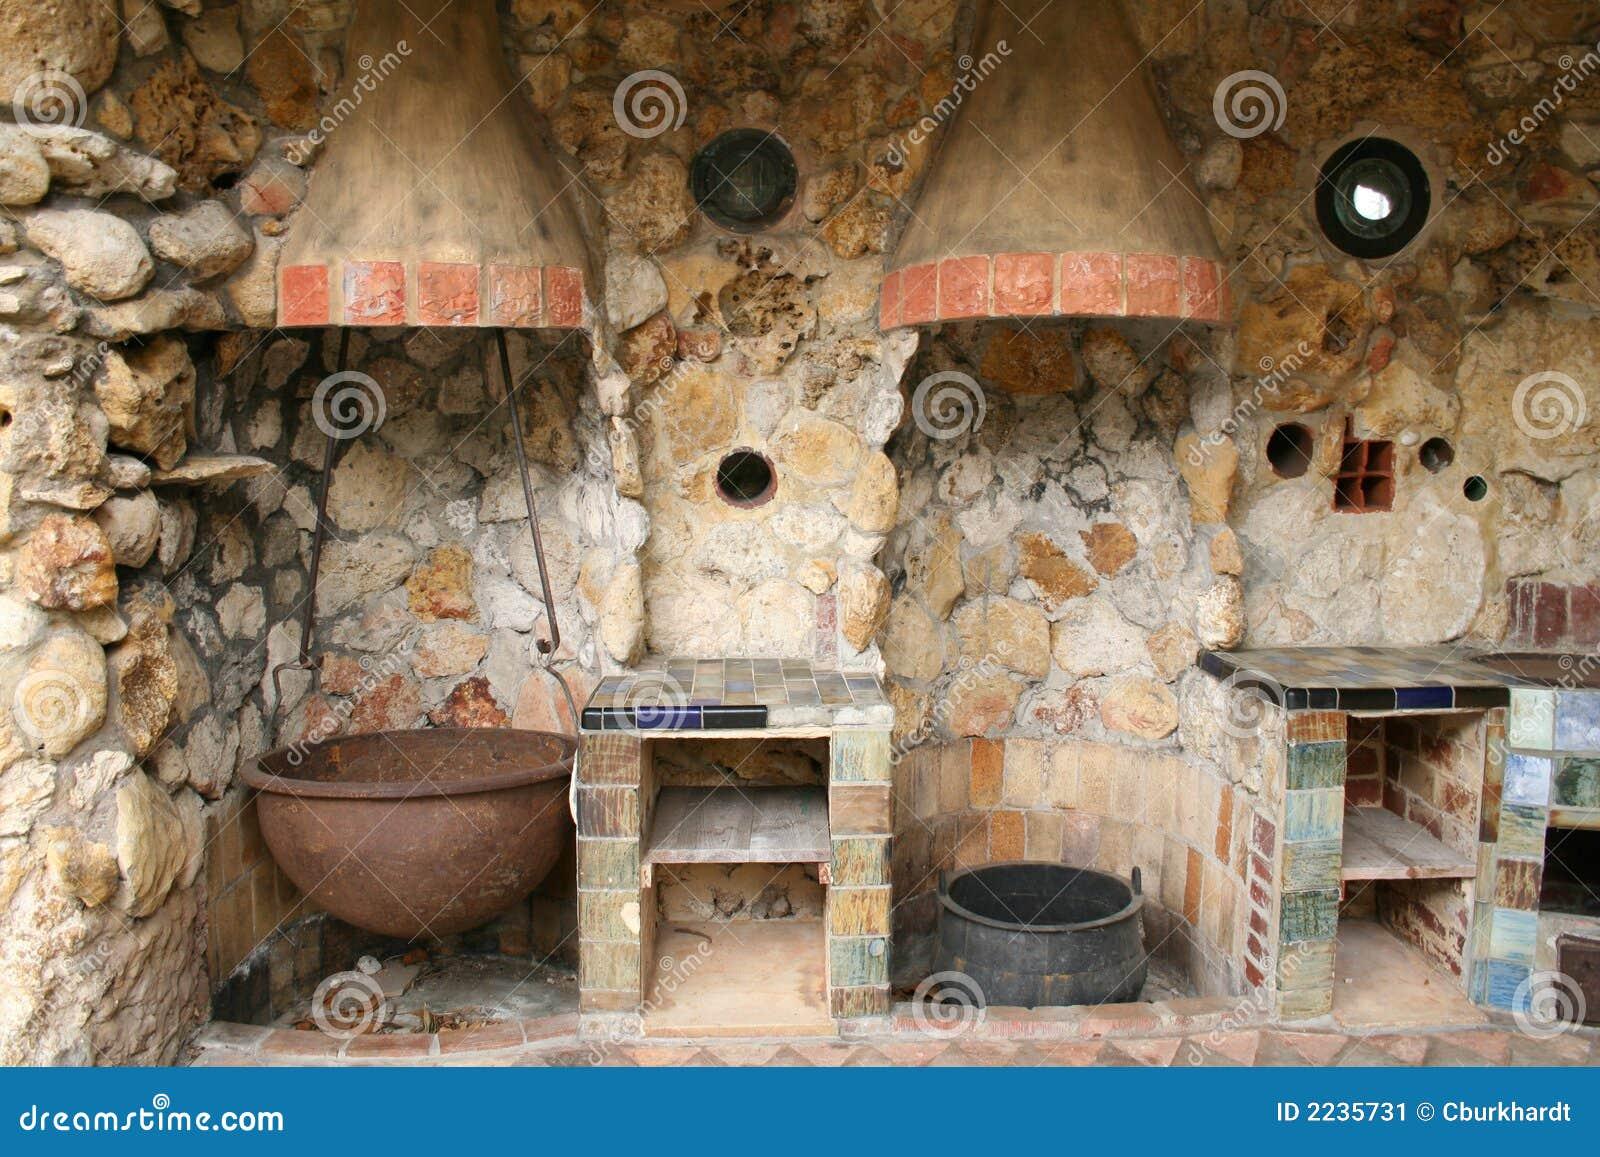 Cocina Al Aire Libre Vieja Rústica Imagen de archivo - Imagen de ...